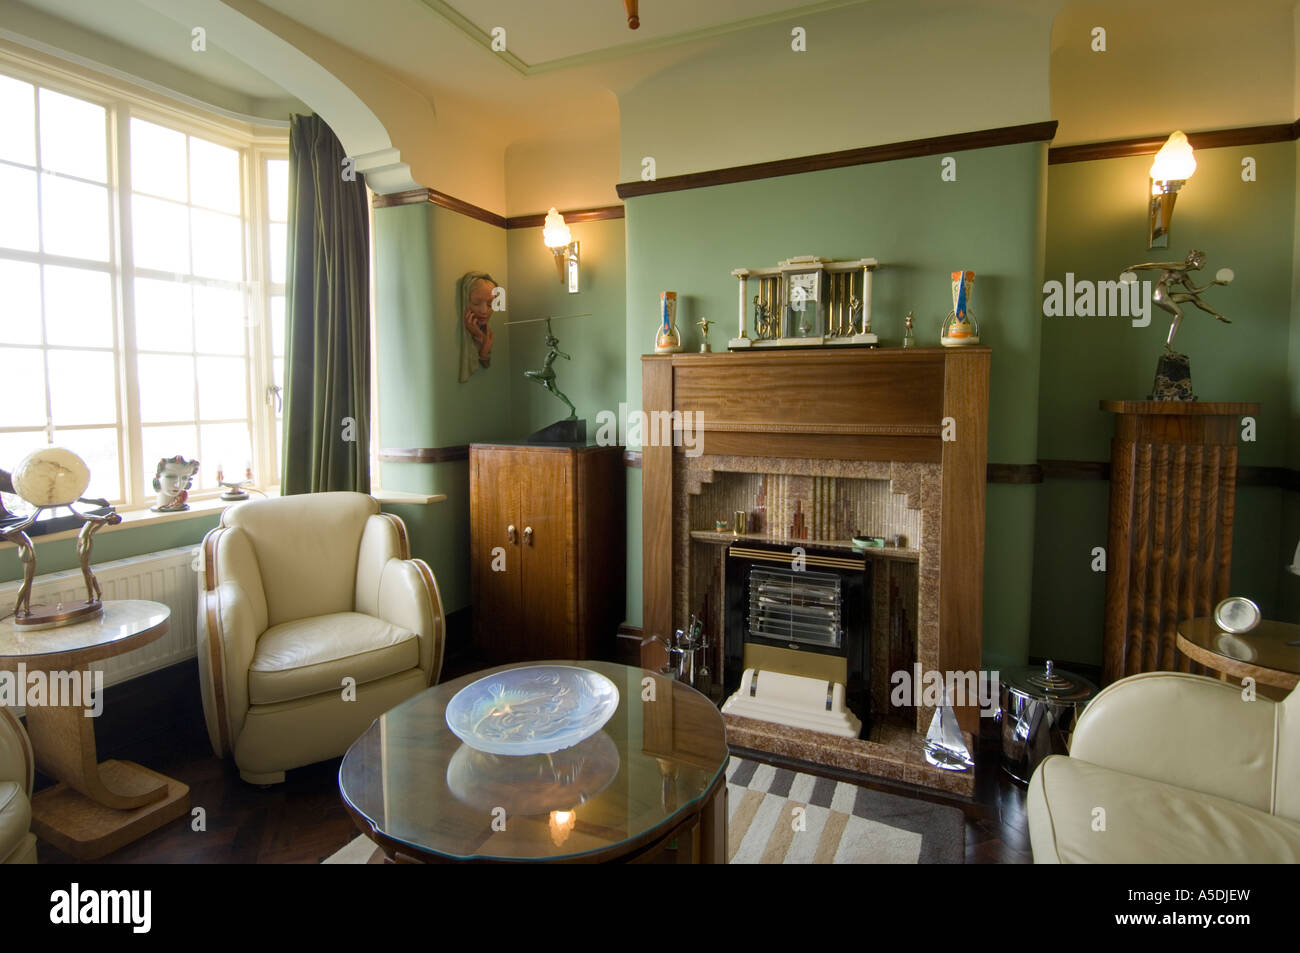 Rénovation art deco art nouveau 1930 s chambre salon salon intérieur ...